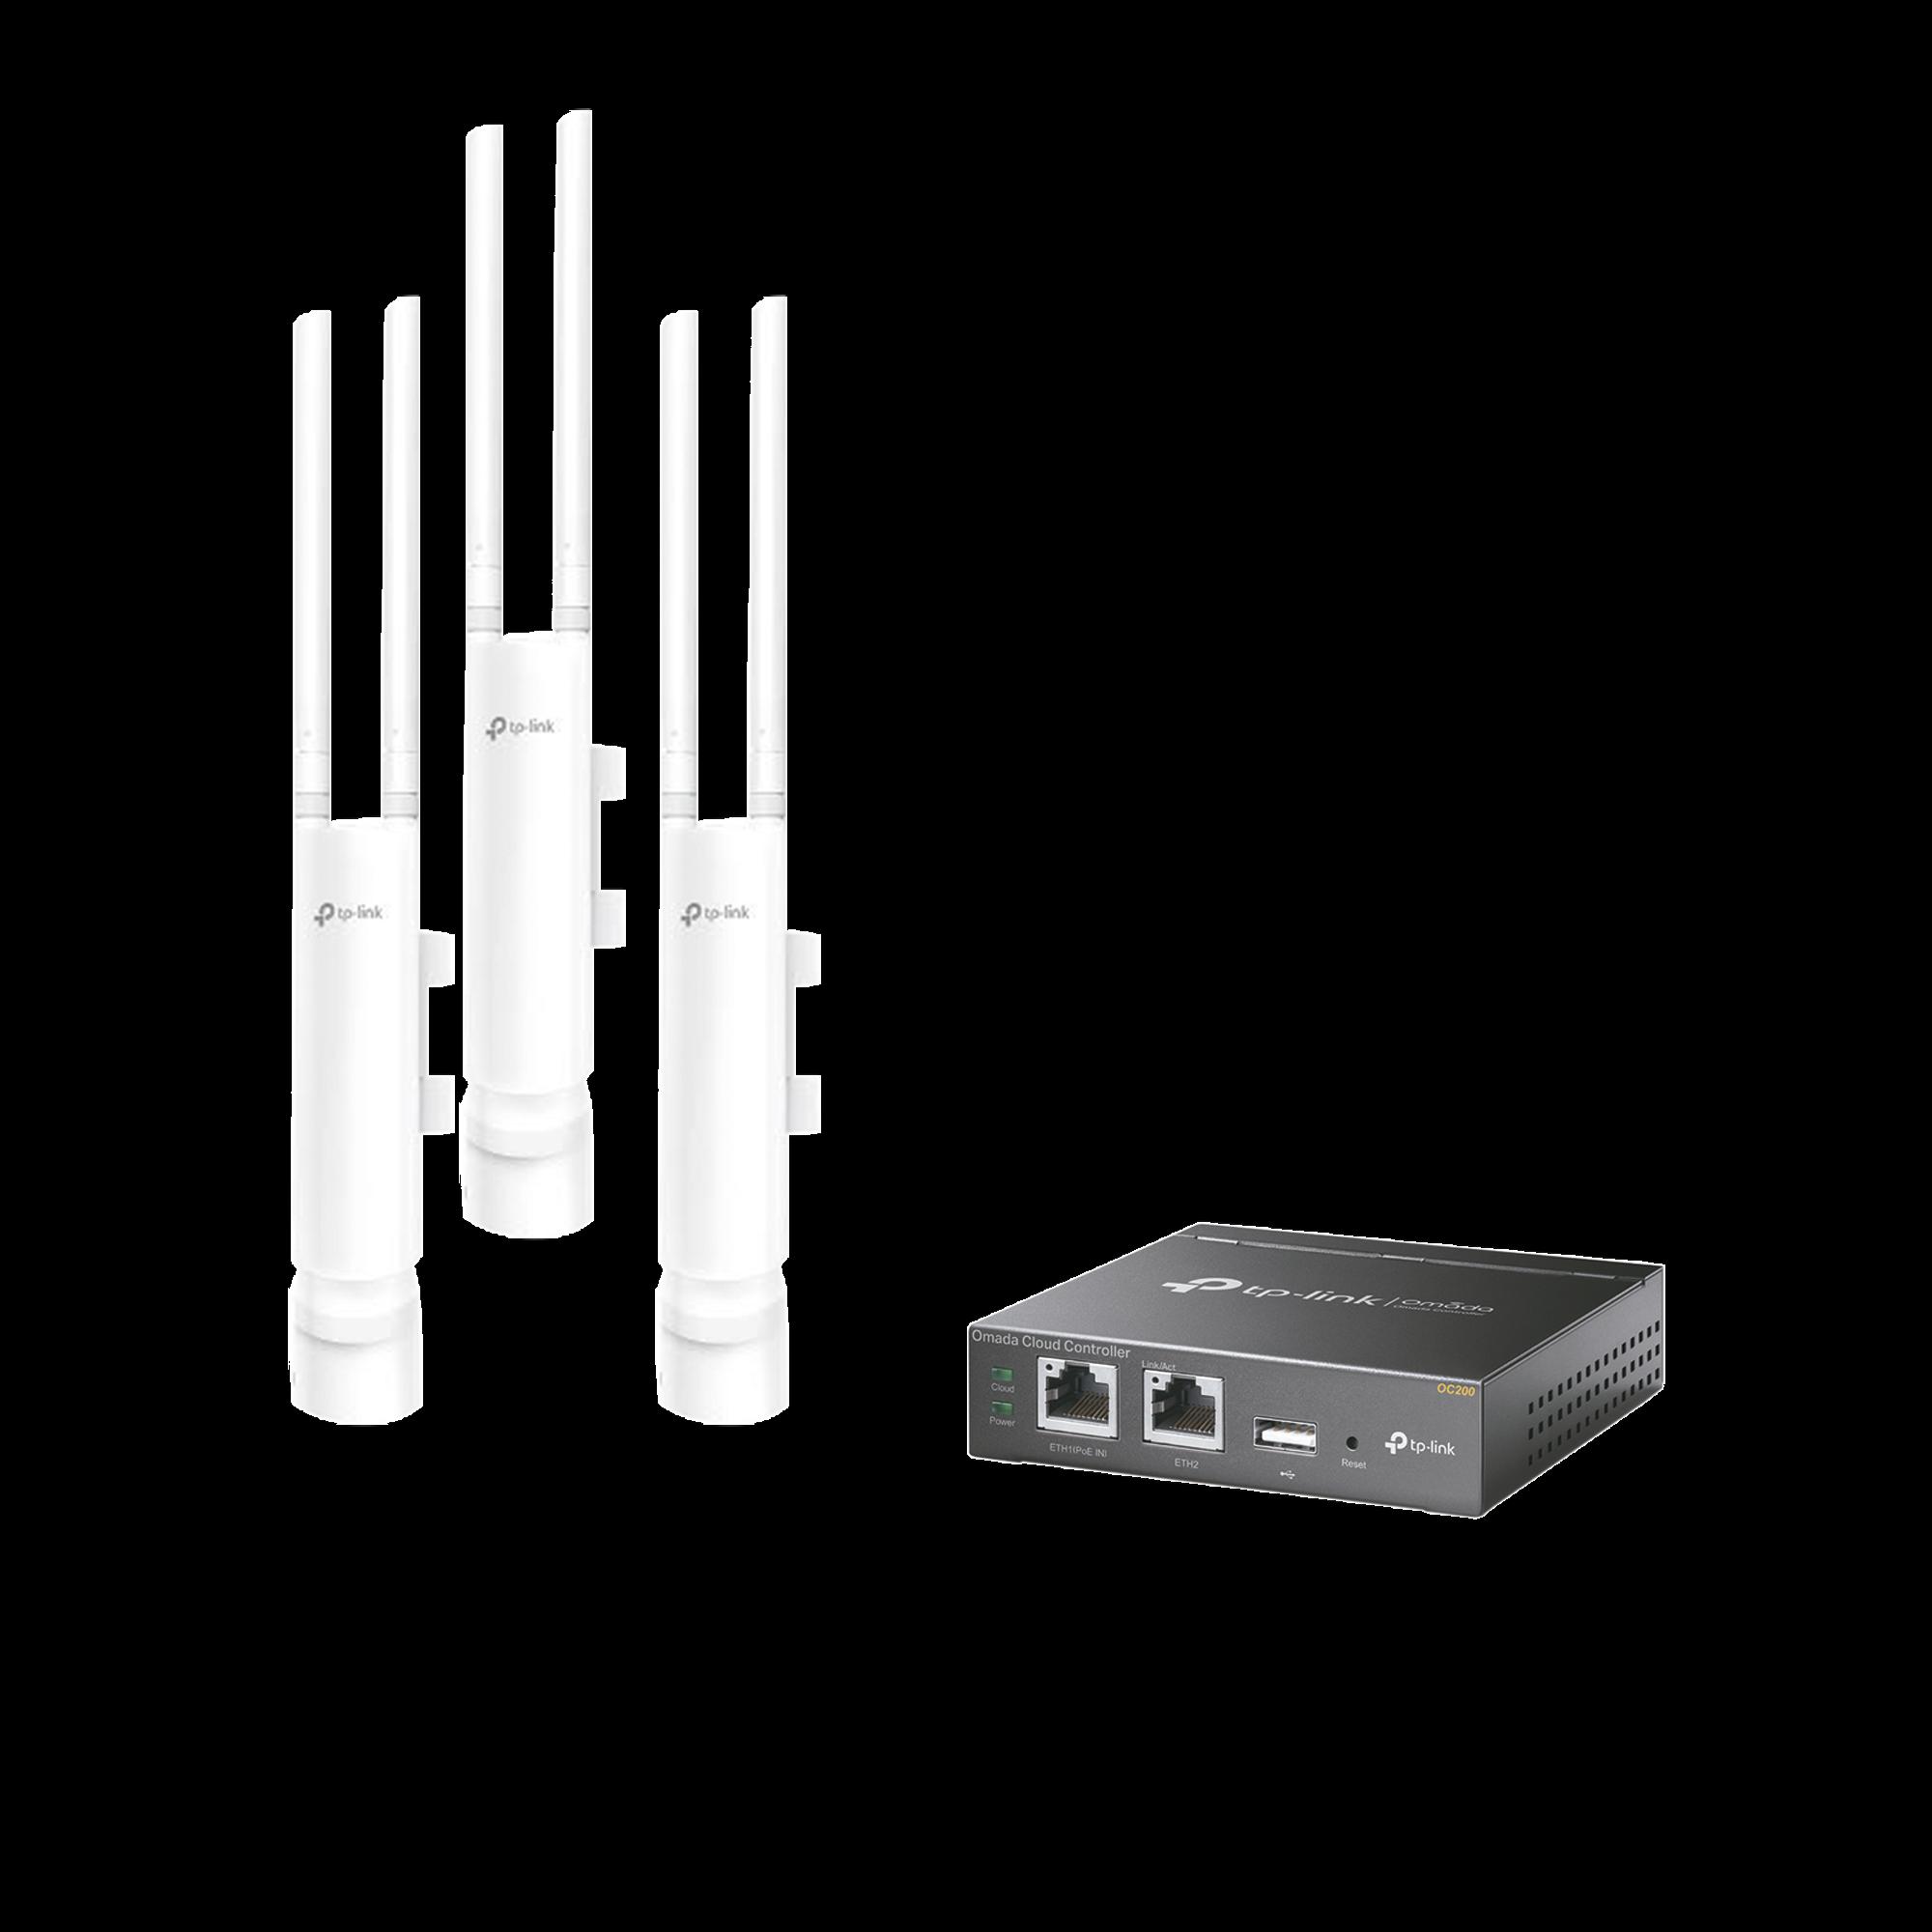 Kit de 3 Puntos de acceso WiFi Omada y 1 Controlador, doble banda 802.11ac Wave 2 para MESH en exterior, MU-MIMO, MIMO 2X2, hasta 1200 Mbps, soporta hasta 100 clientes.